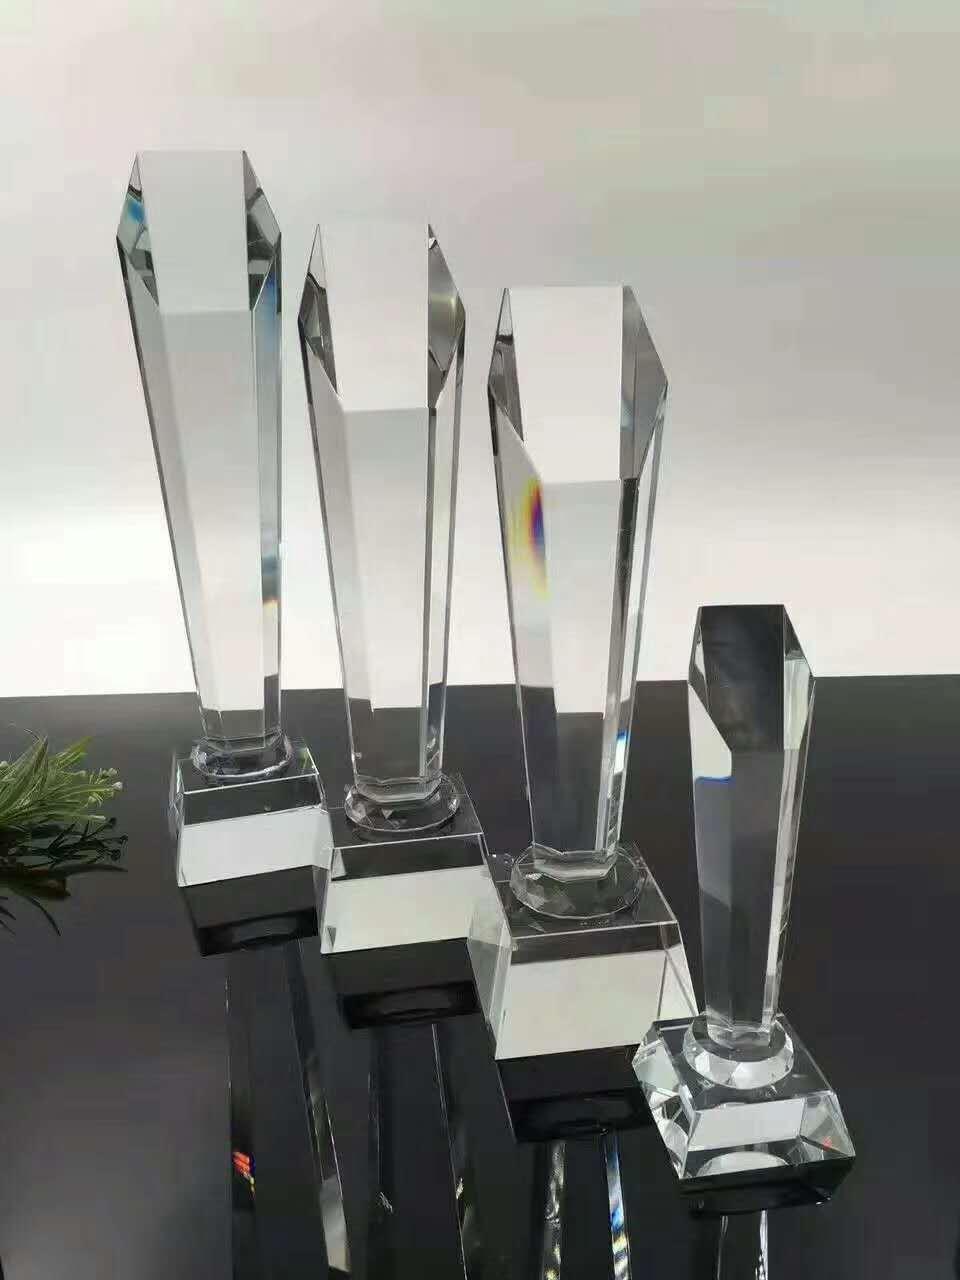 科候奖杯定制:科候奖杯定制带你详细了解什么是水晶工艺品